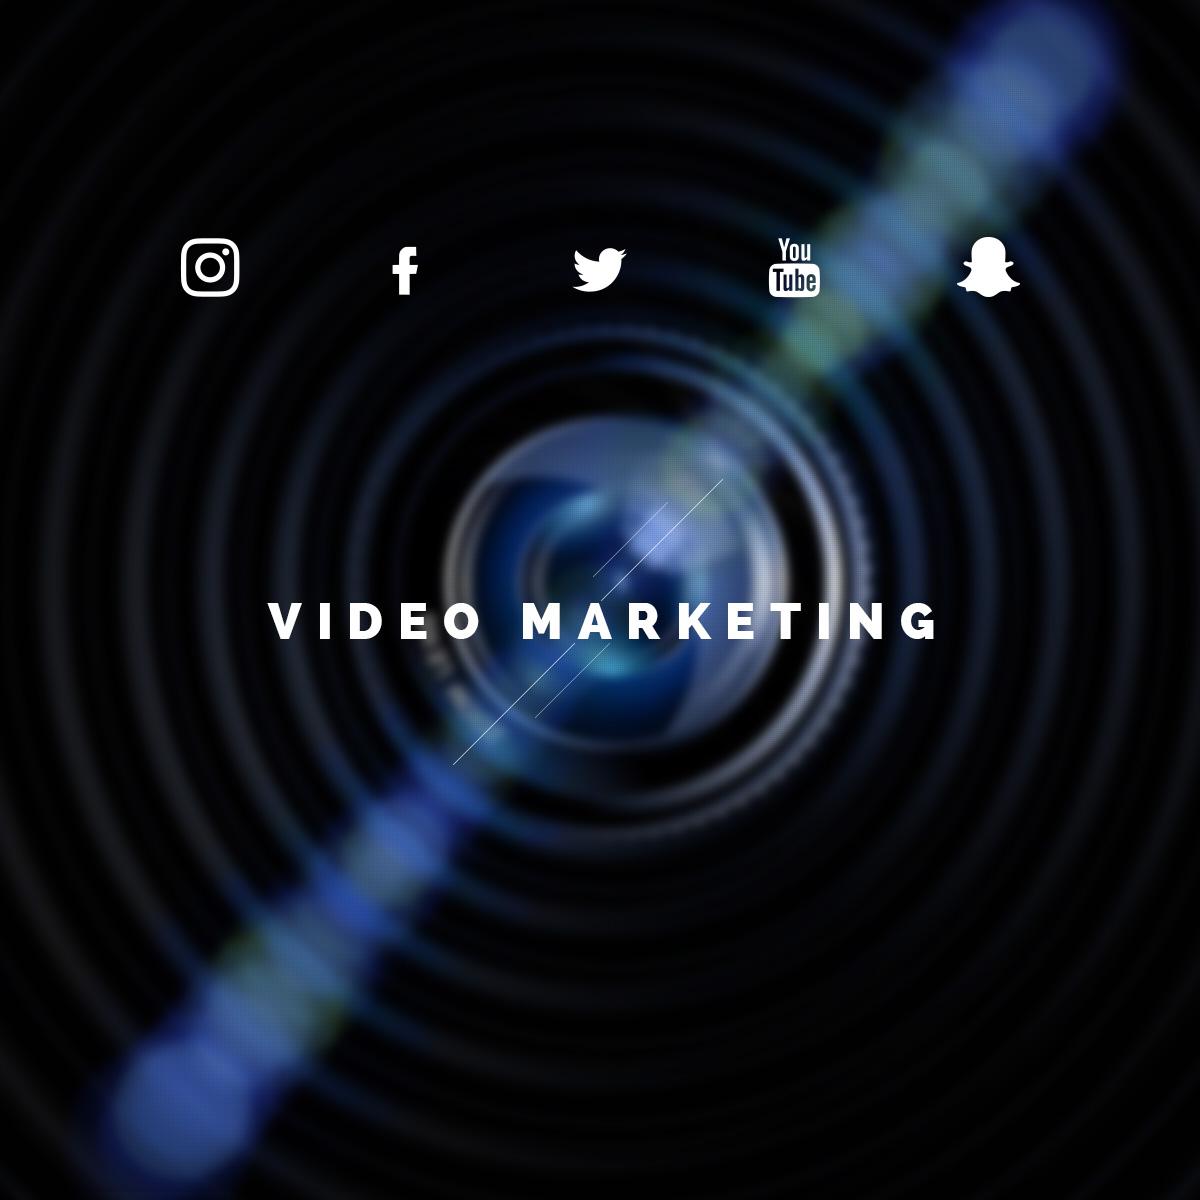 Sosyal Medya kanalları için Video Marketing